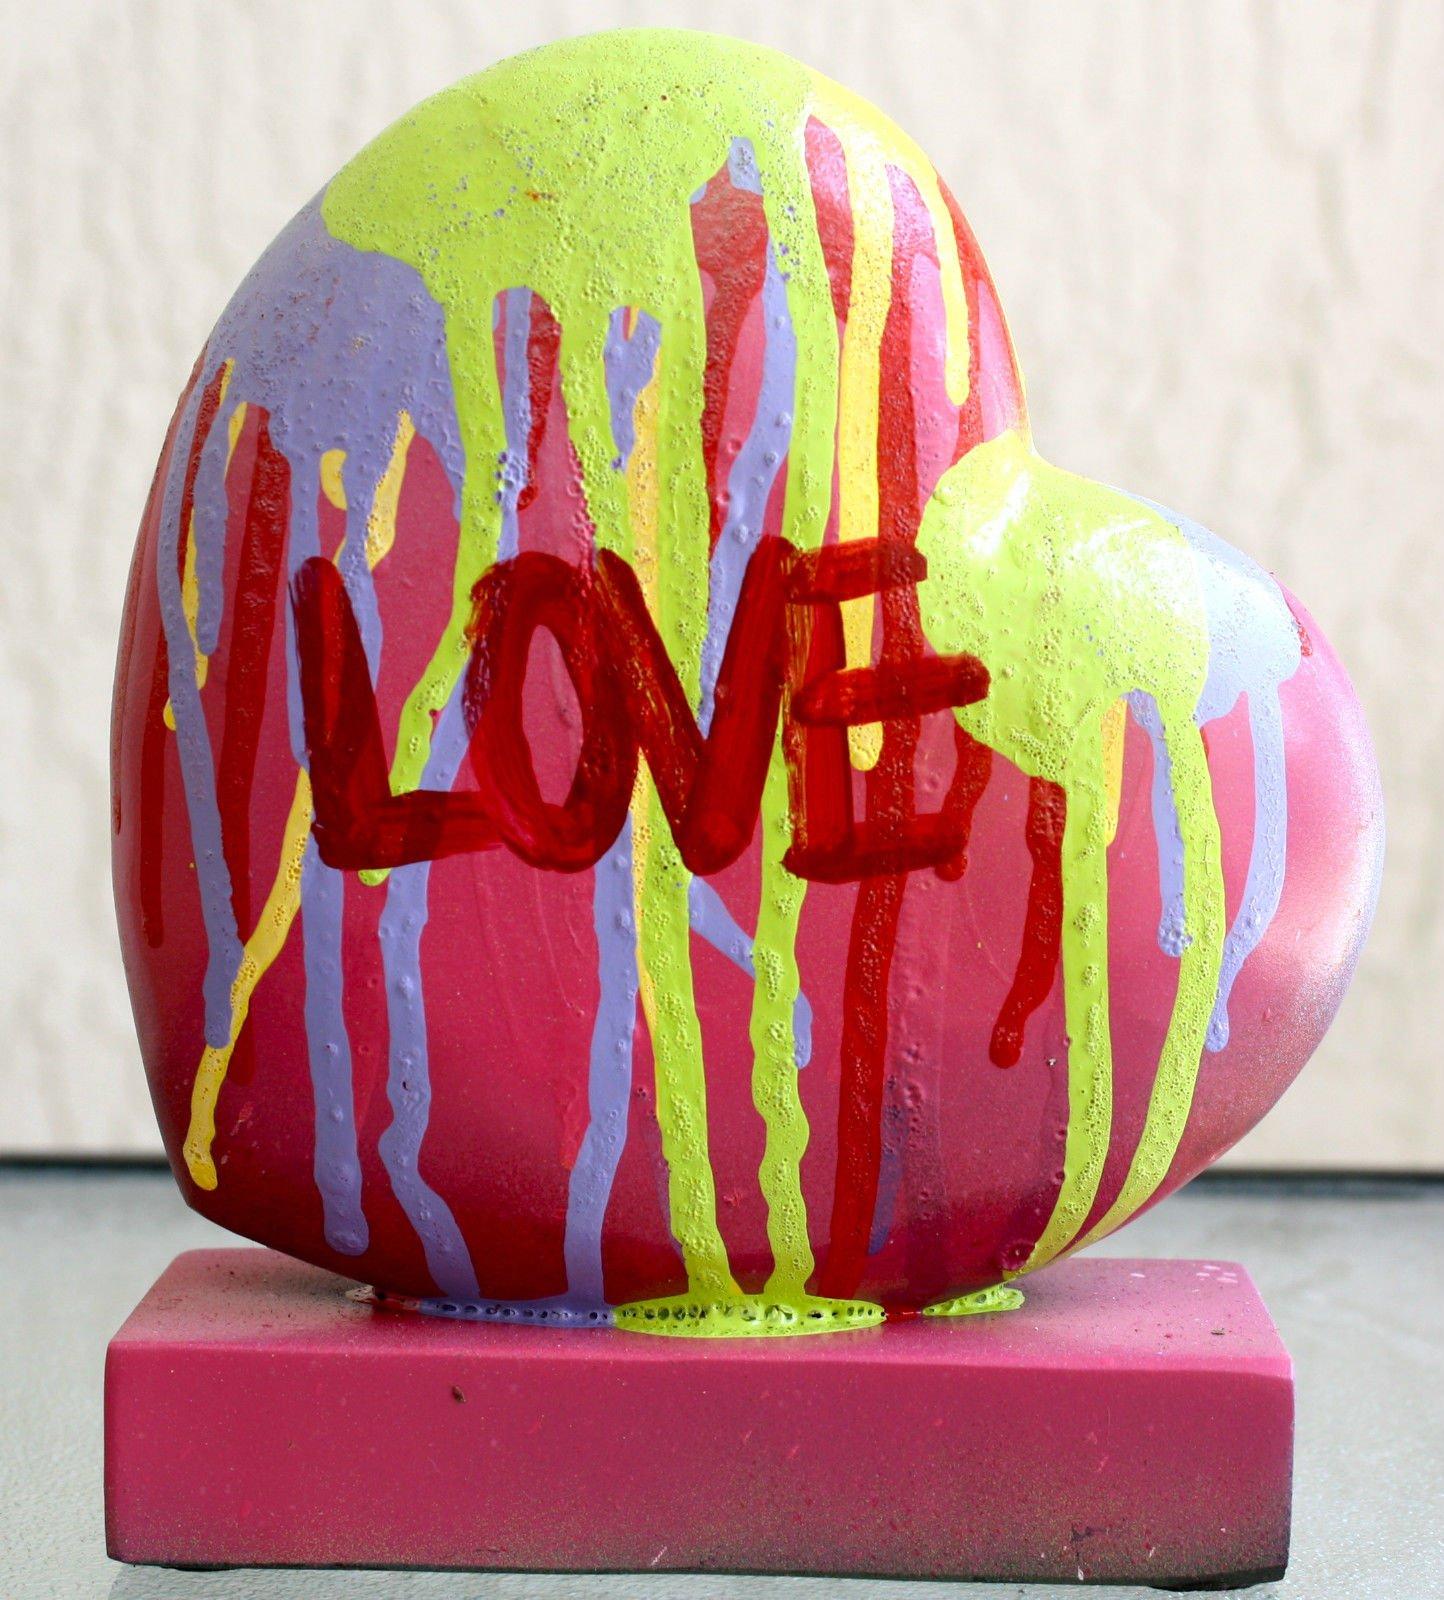 LOVE HEART 6'' x 7'' x 2'' ART ABSTRACT EXPRESSIONISM SCULPTURE MODERN FINE POP